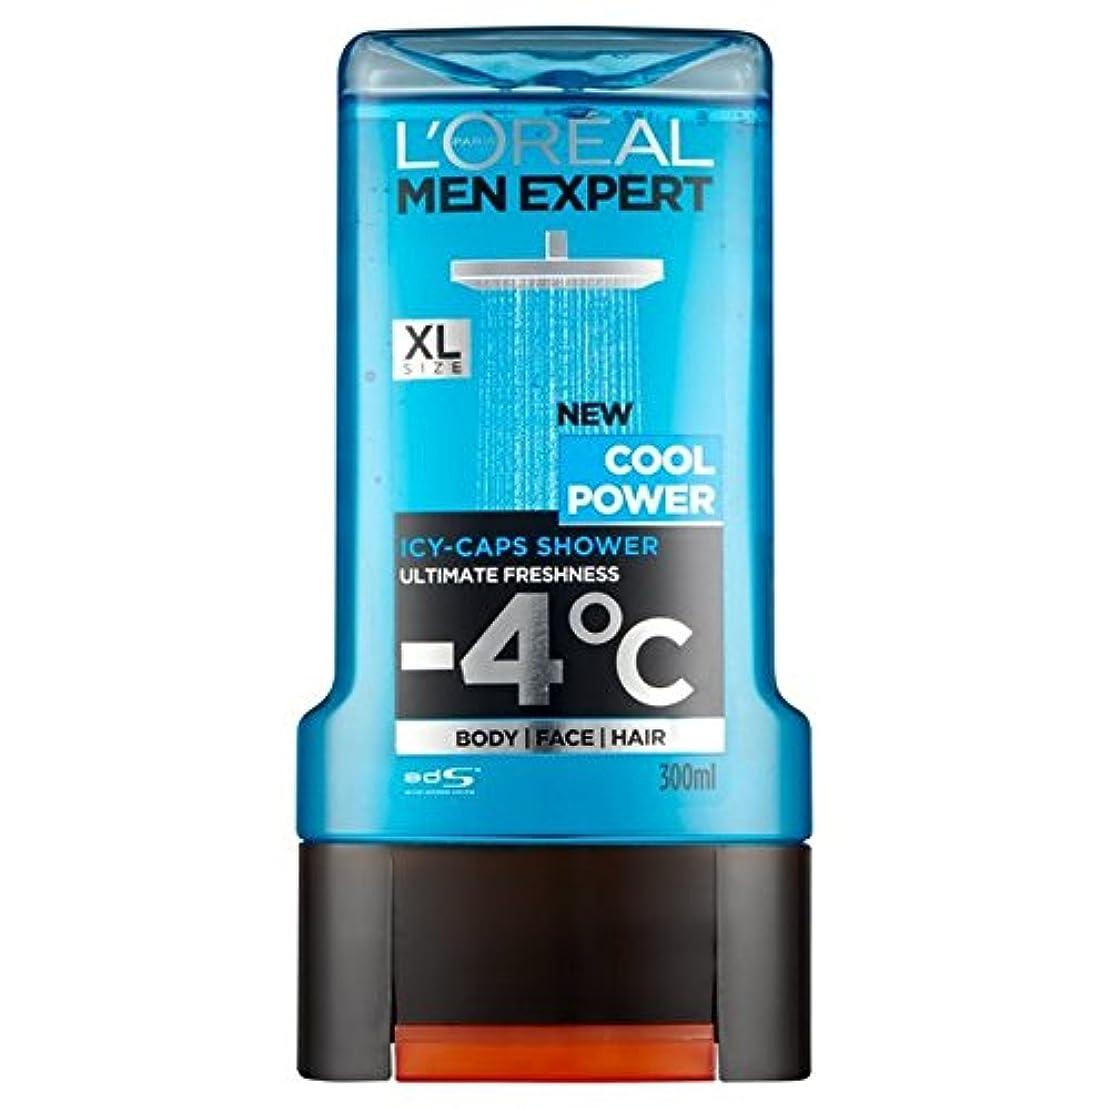 フェードアウトスプレー時制L'Oreal Paris Men Expert Cool Power Shower Gel 300ml - ロレアルパリの男性の専門家のクールなパワーシャワージェル300ミリリットル [並行輸入品]